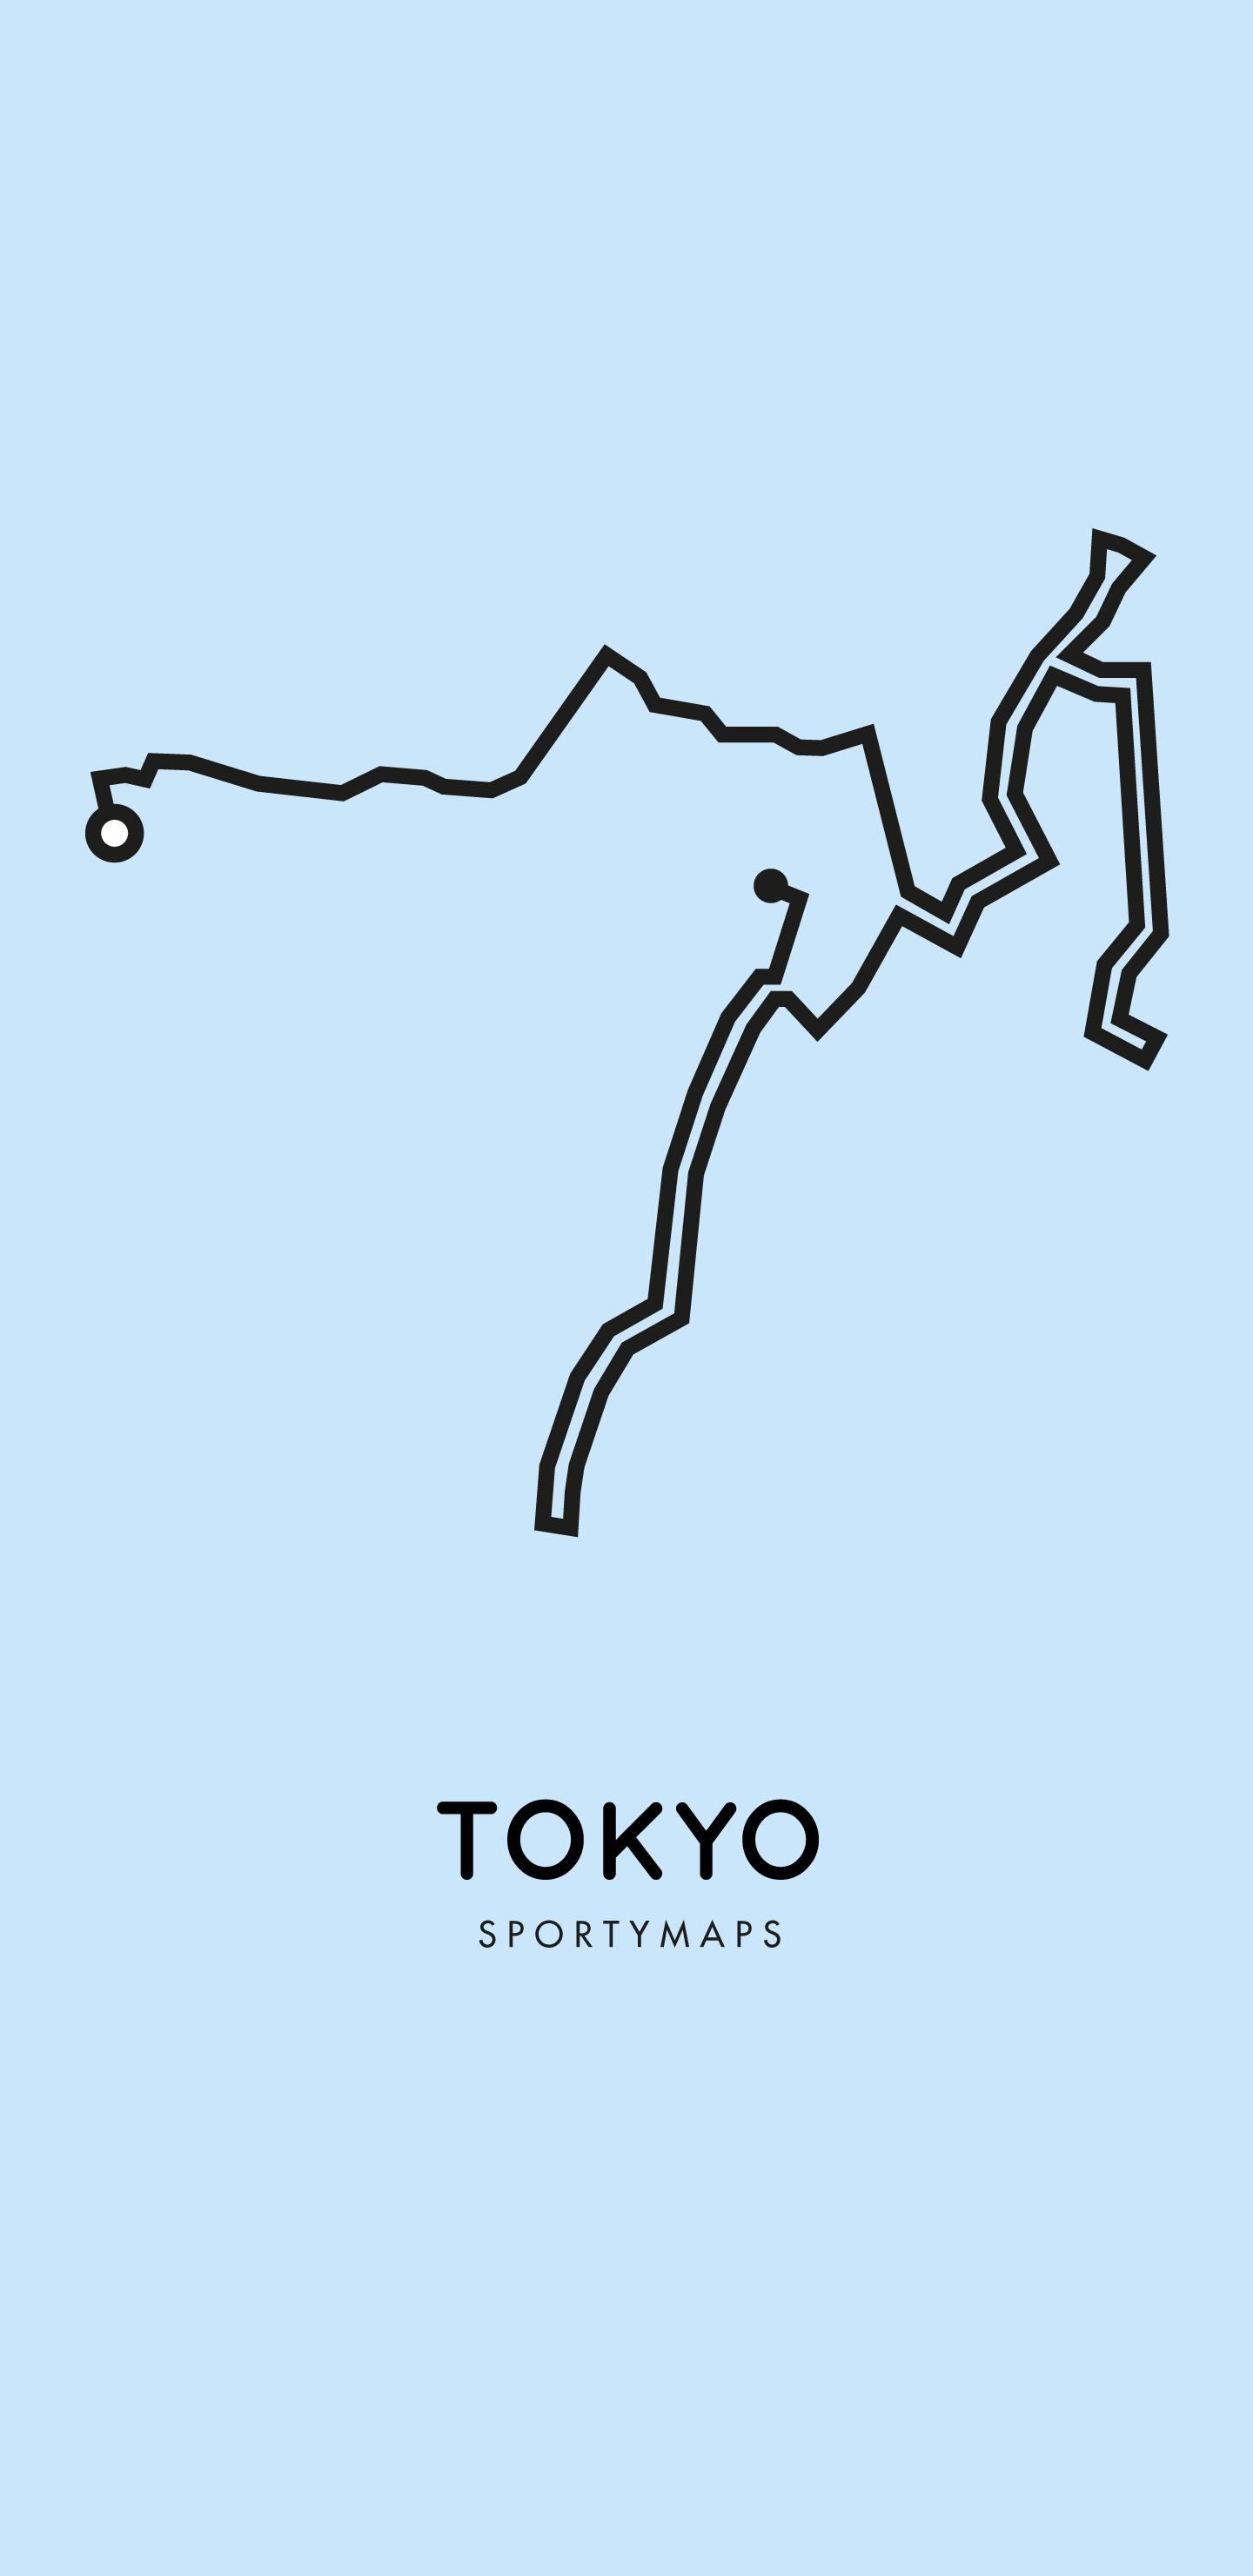 Sportymaps-Tokyo-marathon-blue